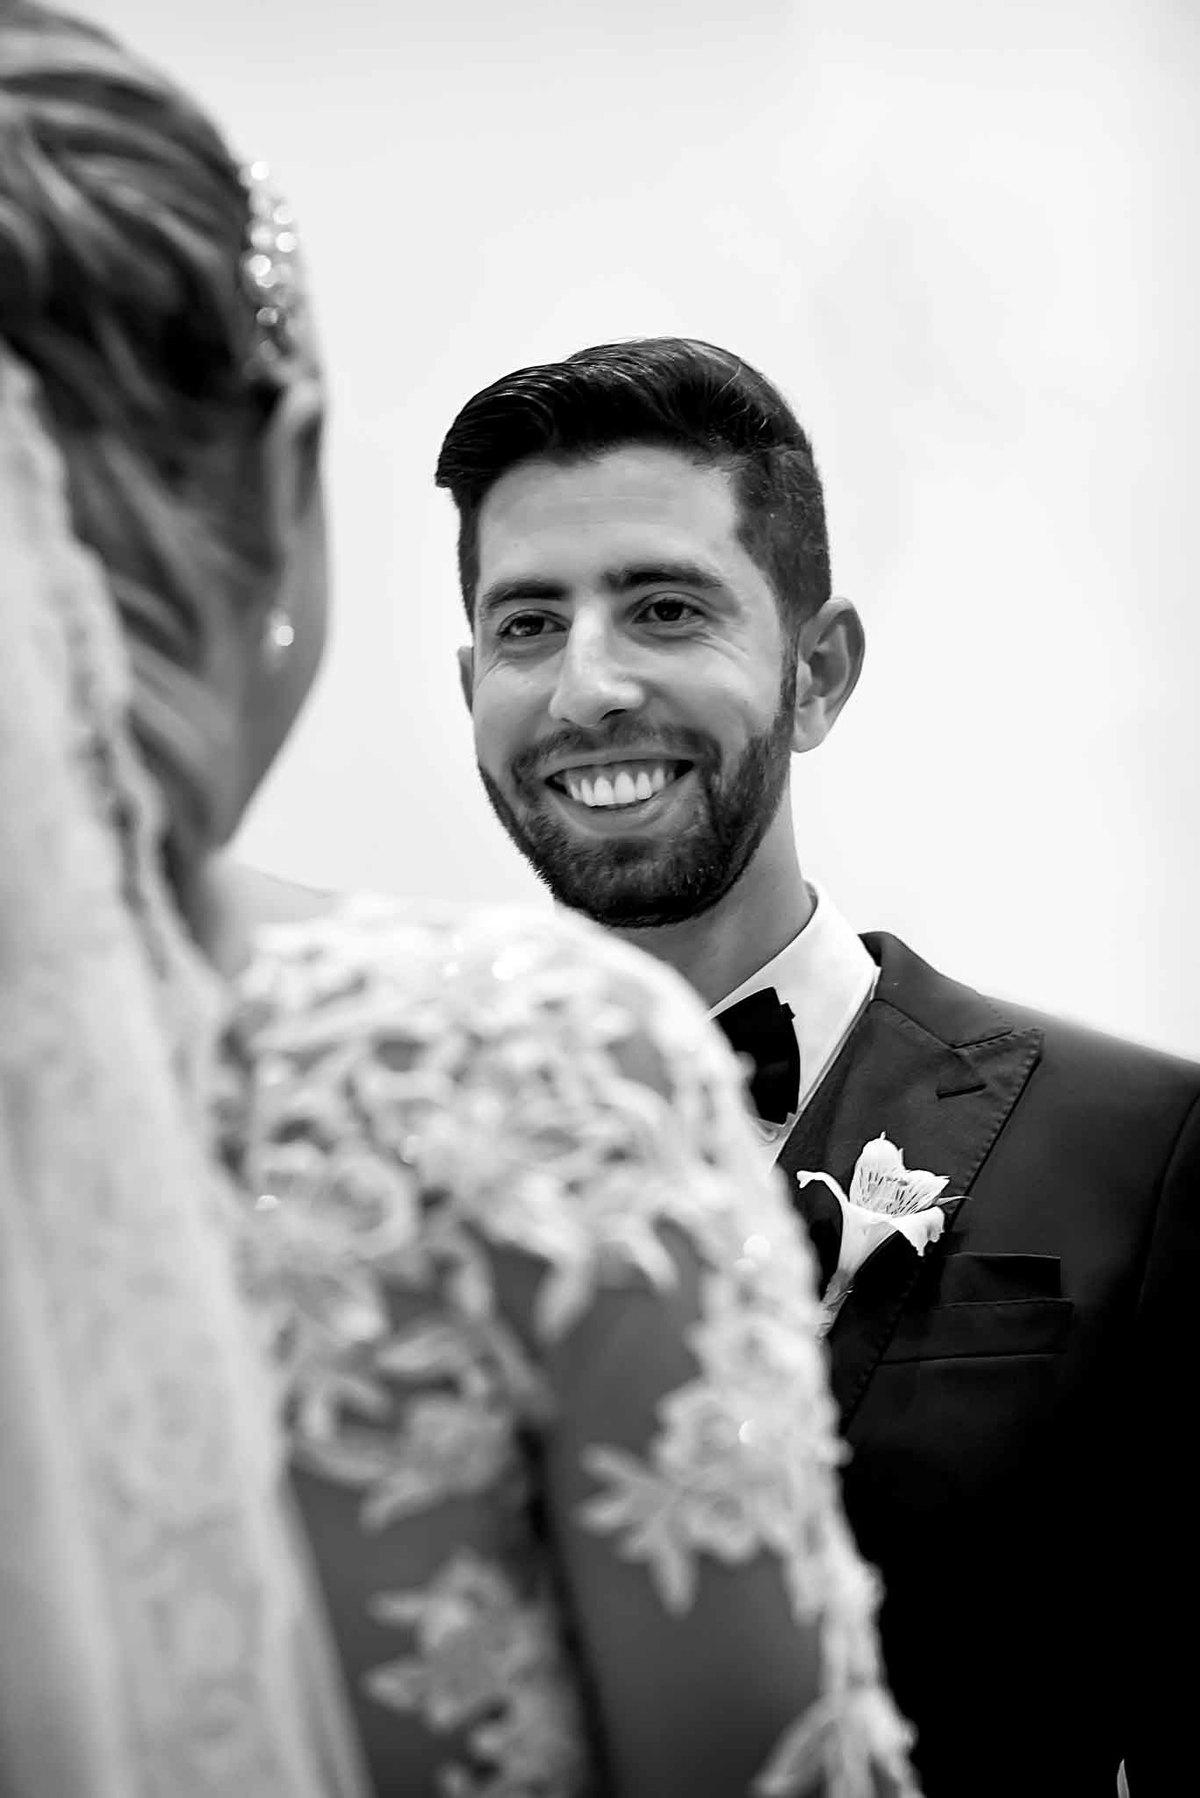 fotografia de casamento na Igreja Bom Pastor Alphaville, fotografia de casamento em alphaville. noivo feliz olhando para noiva